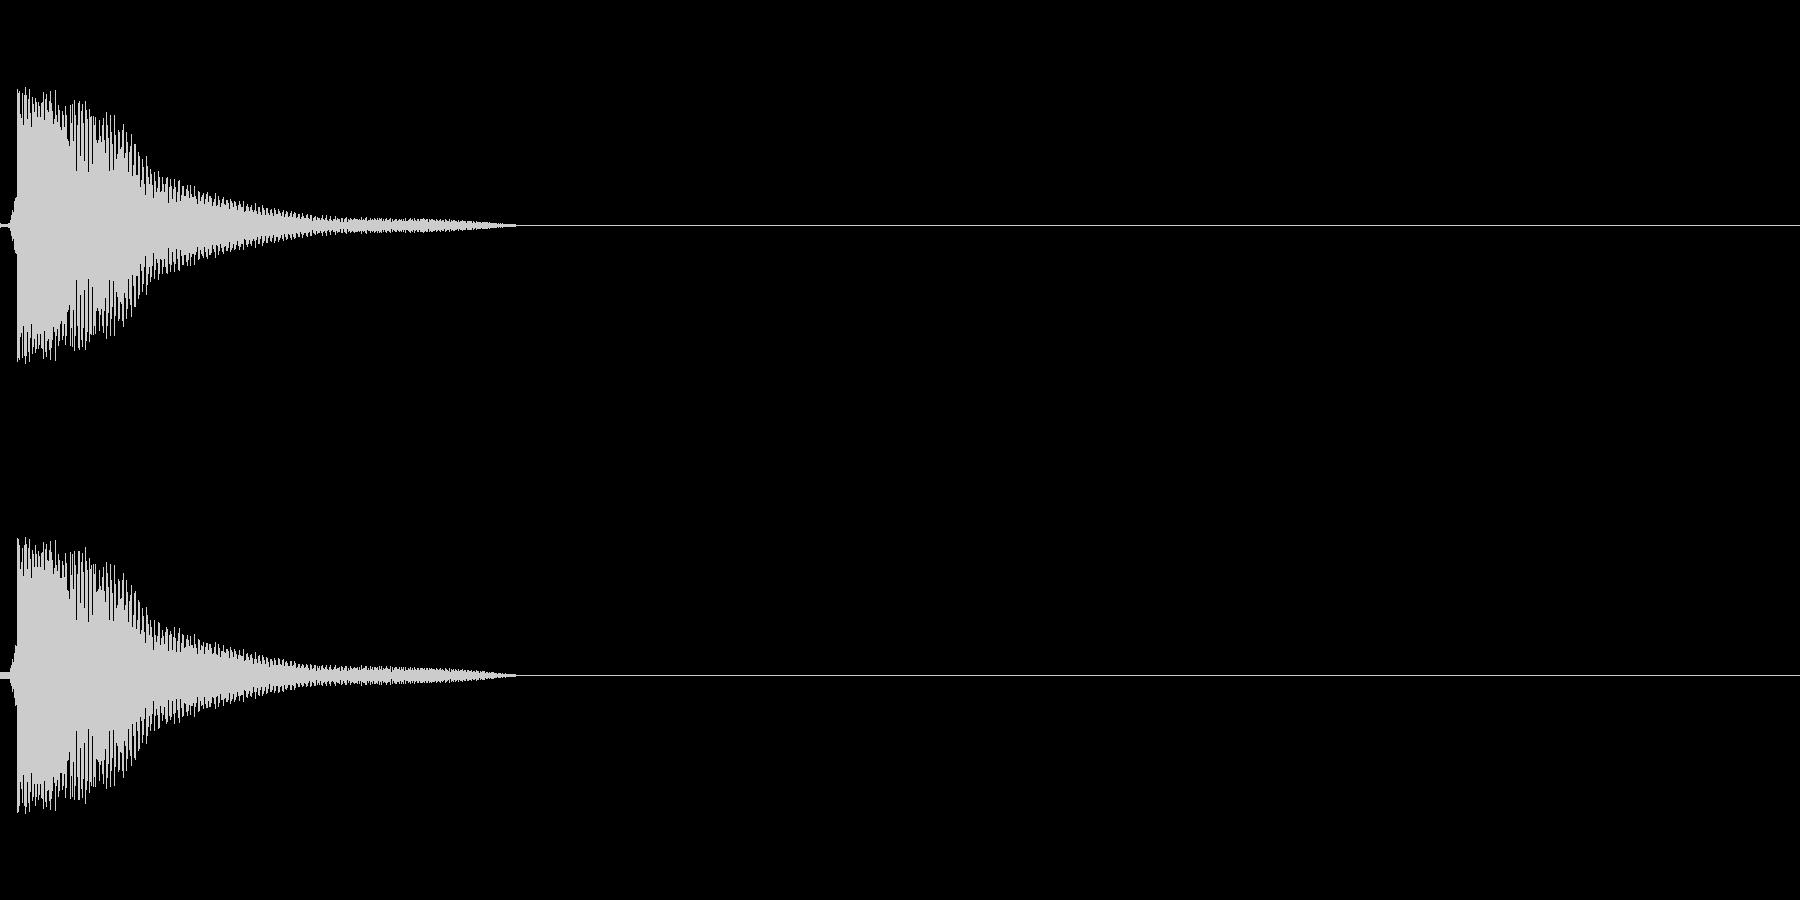 剣による防御音(弾くような)の未再生の波形